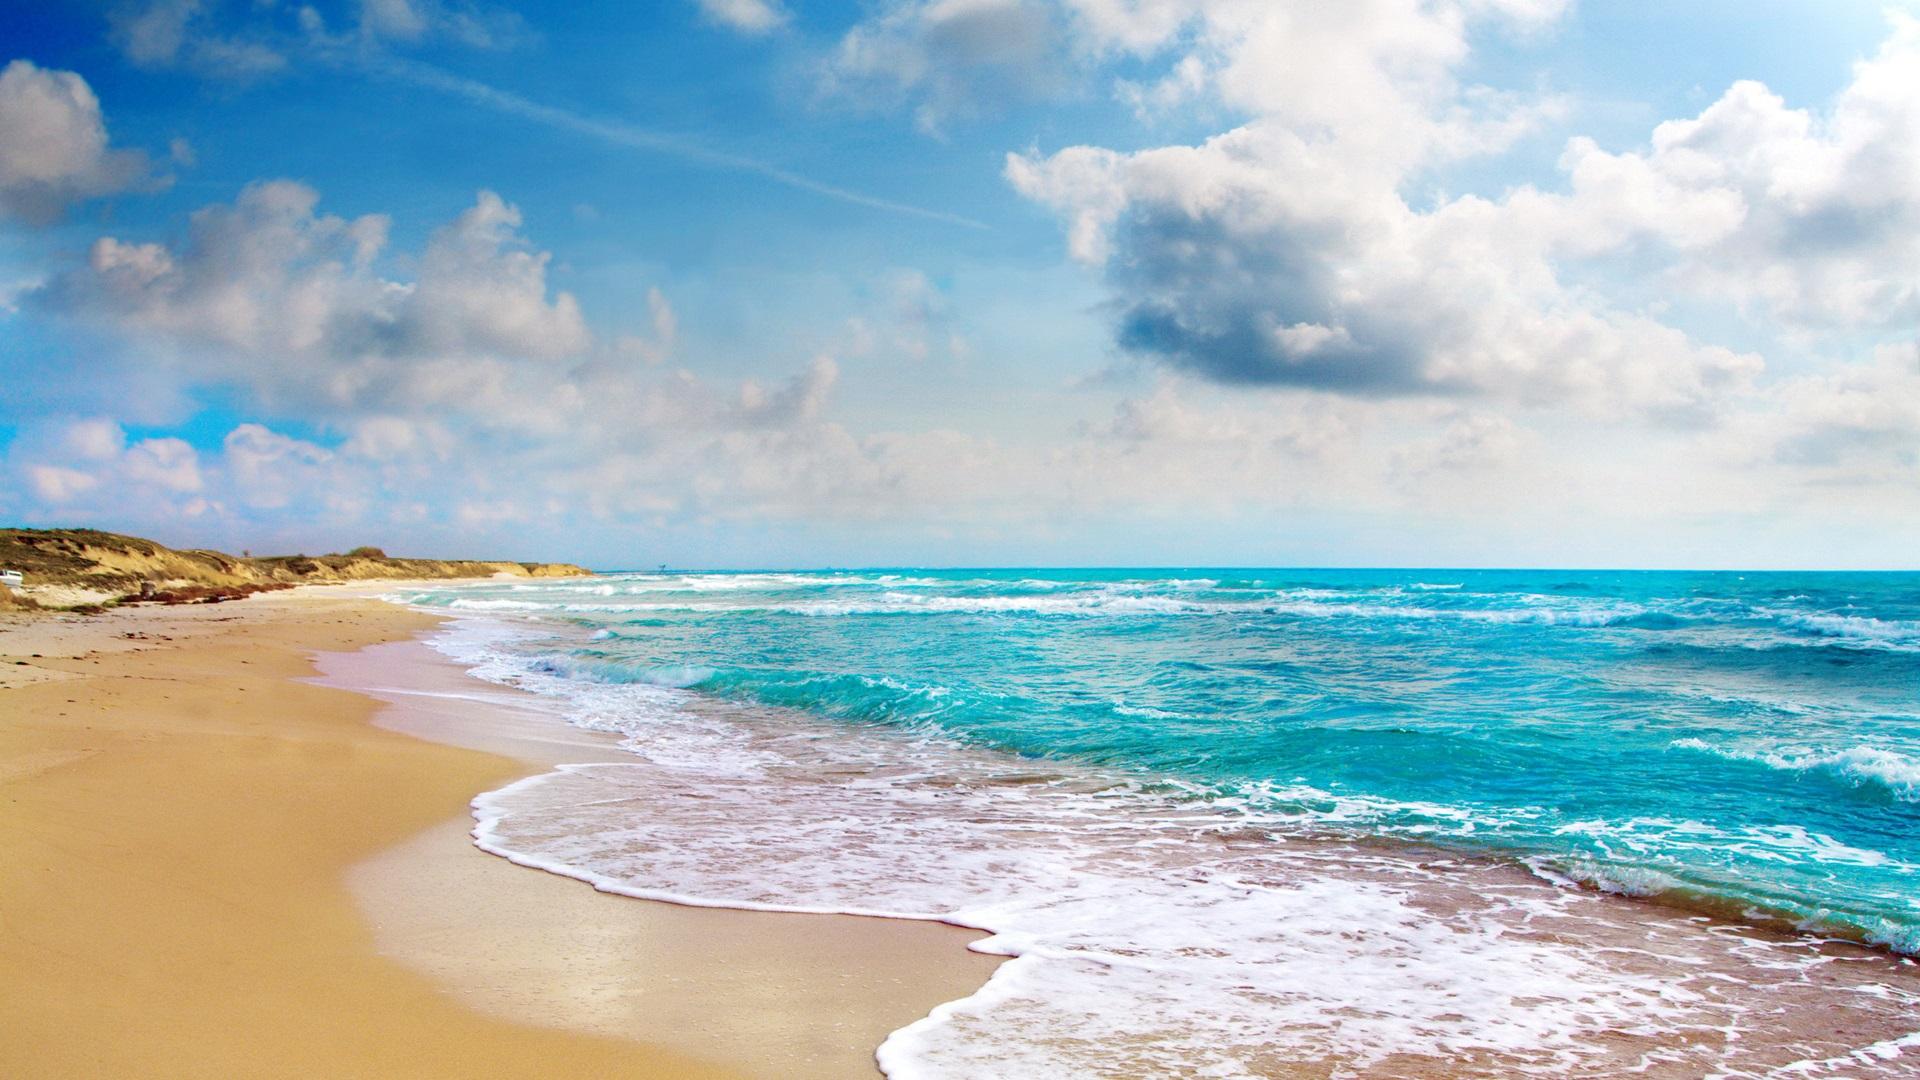 обои для рабочего стола берег пляжи № 598780 без смс